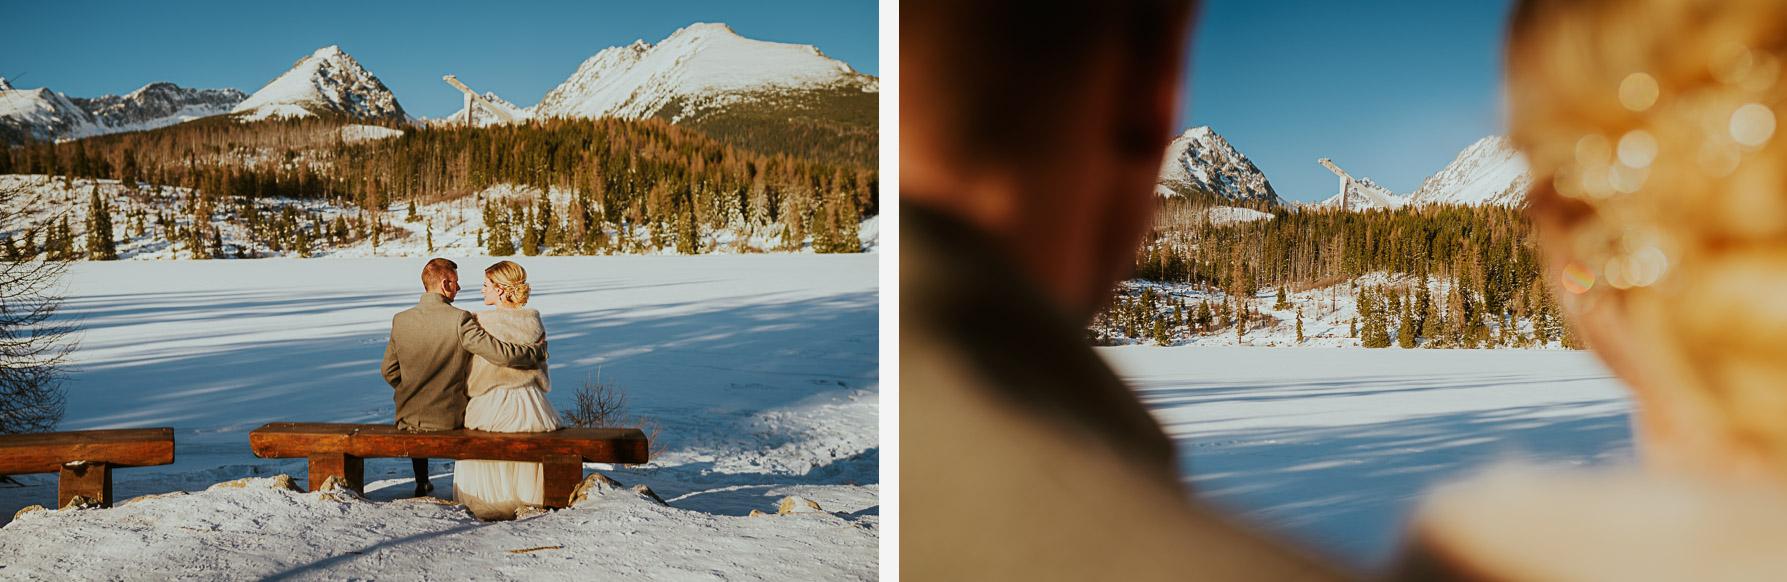 sesja fotograficzna zima gory 012